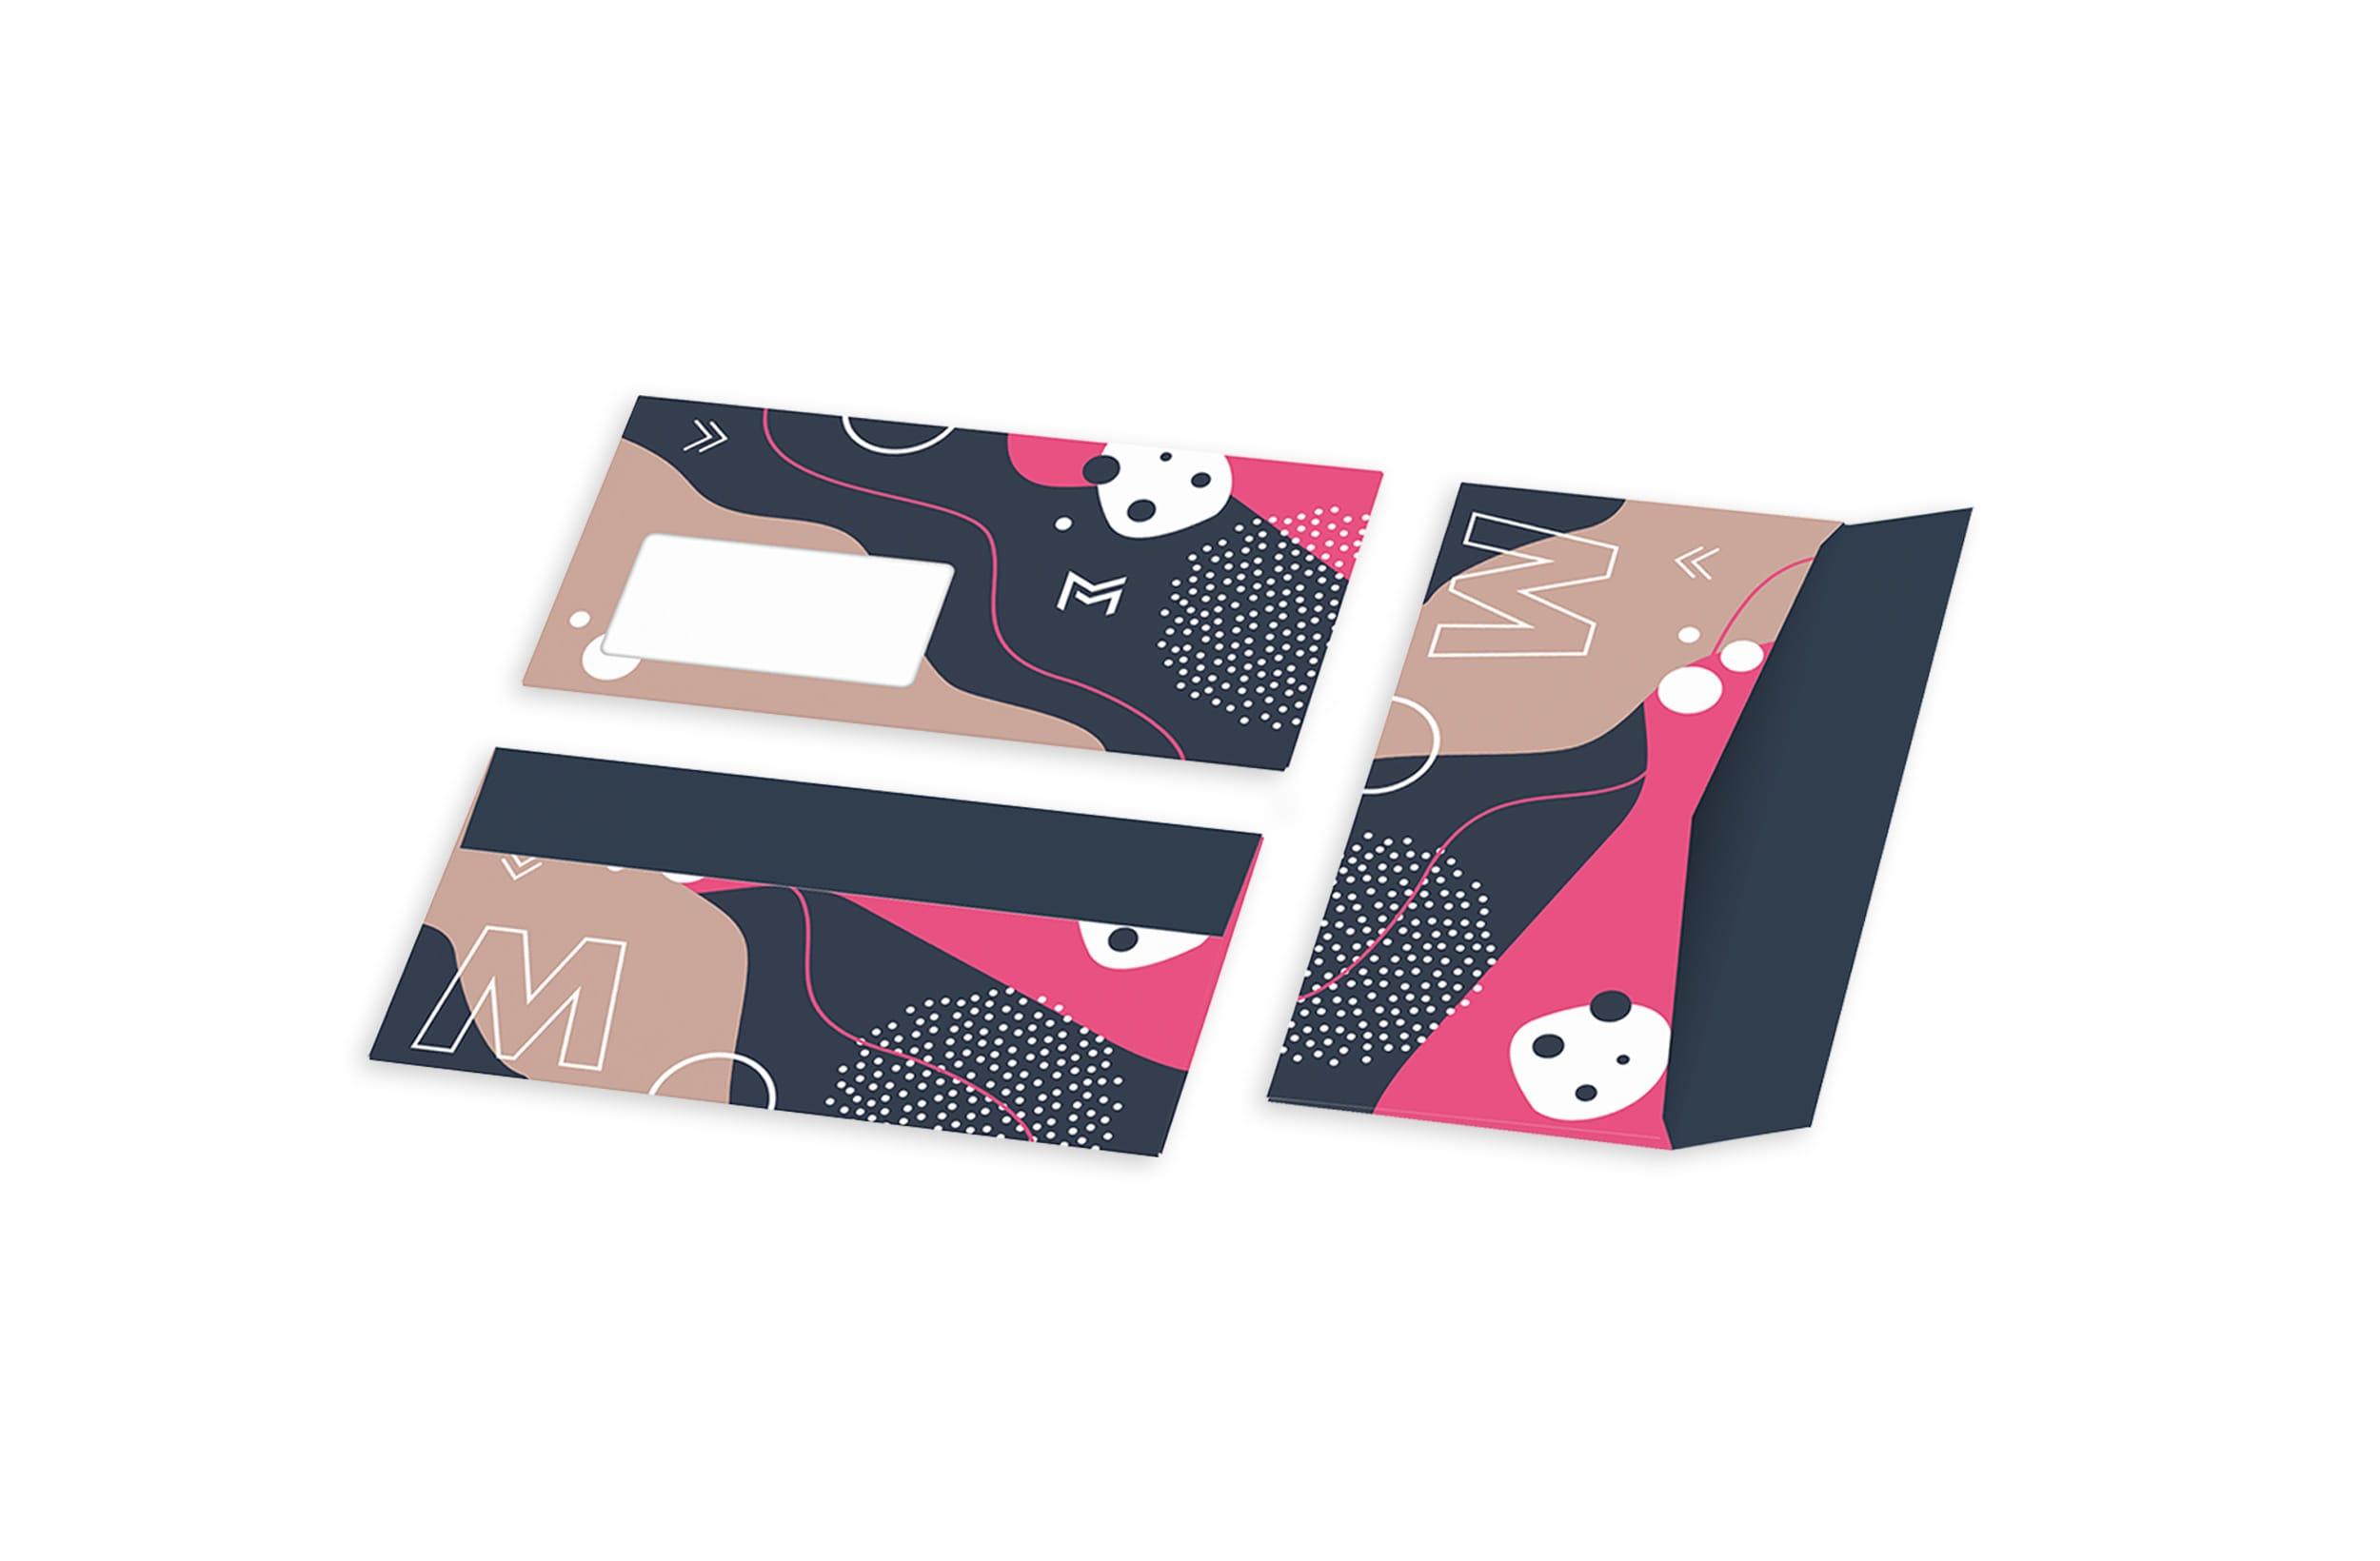 montroit-design-envelope-spc-1-a